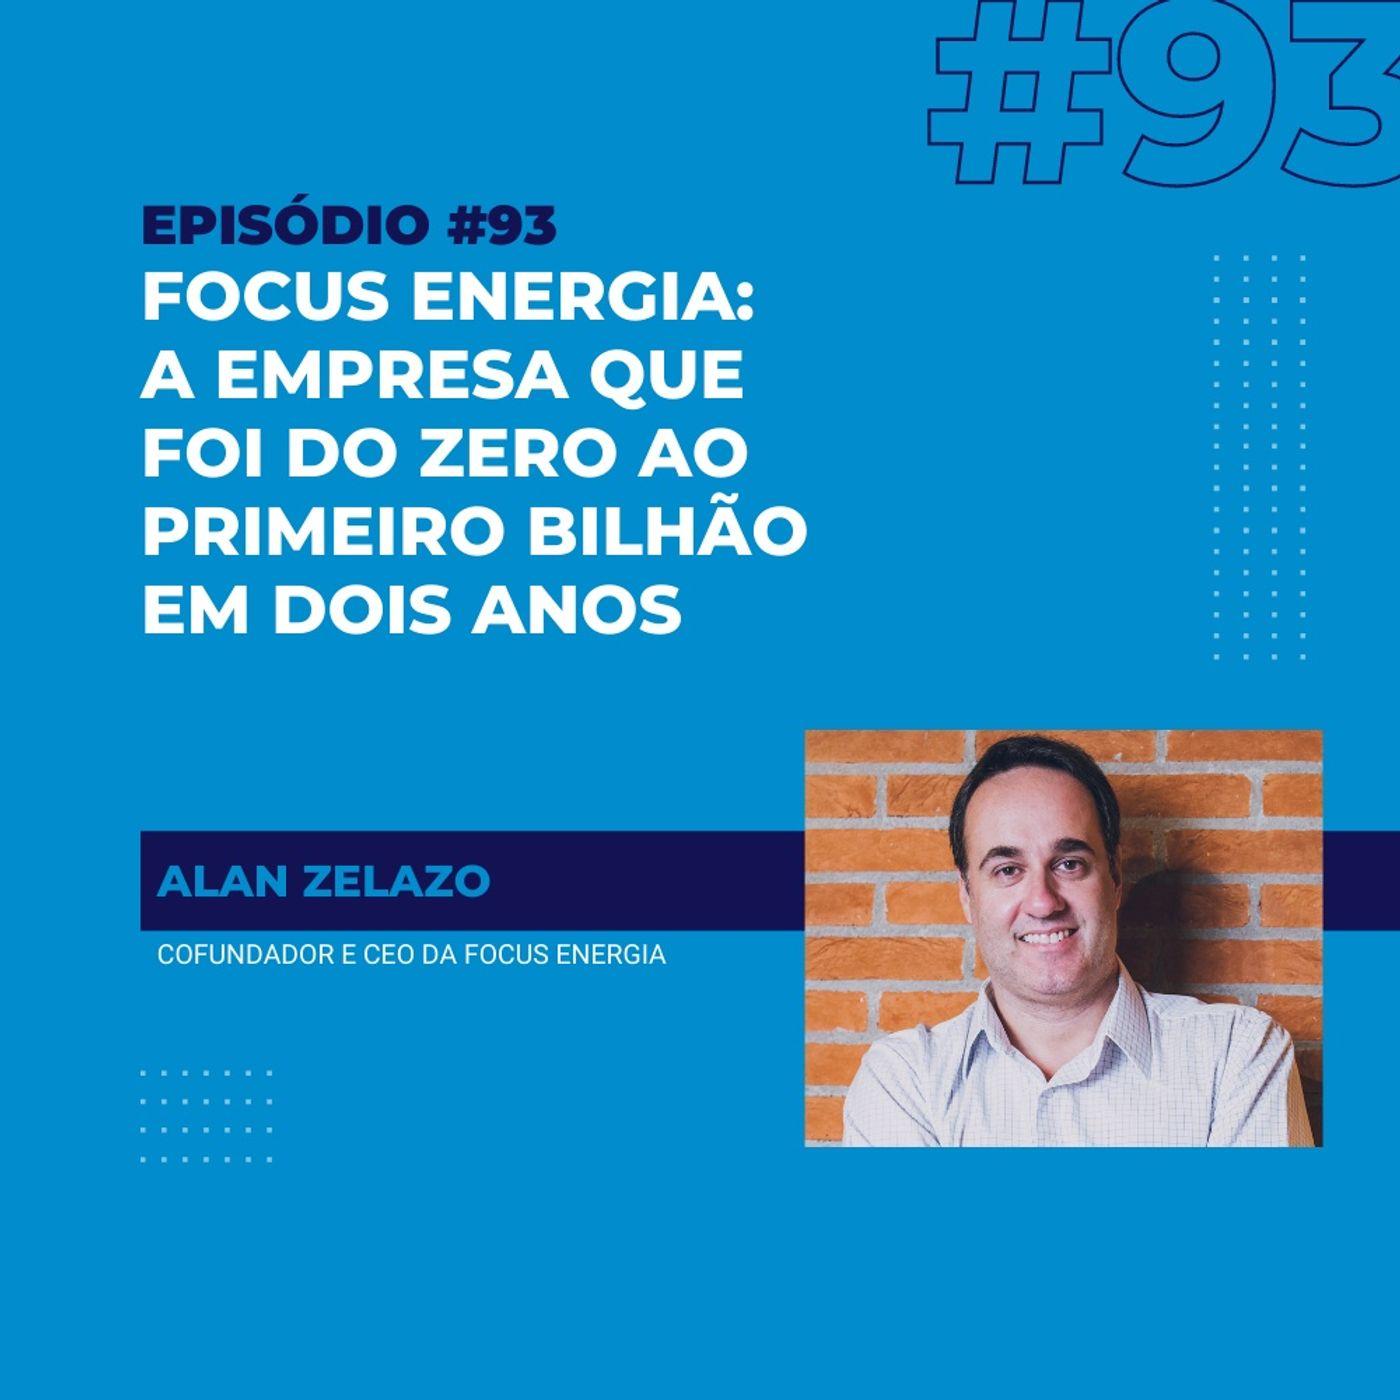 #93 - Focus Energia: a empresa que foi do zero ao bilhão em dois anos